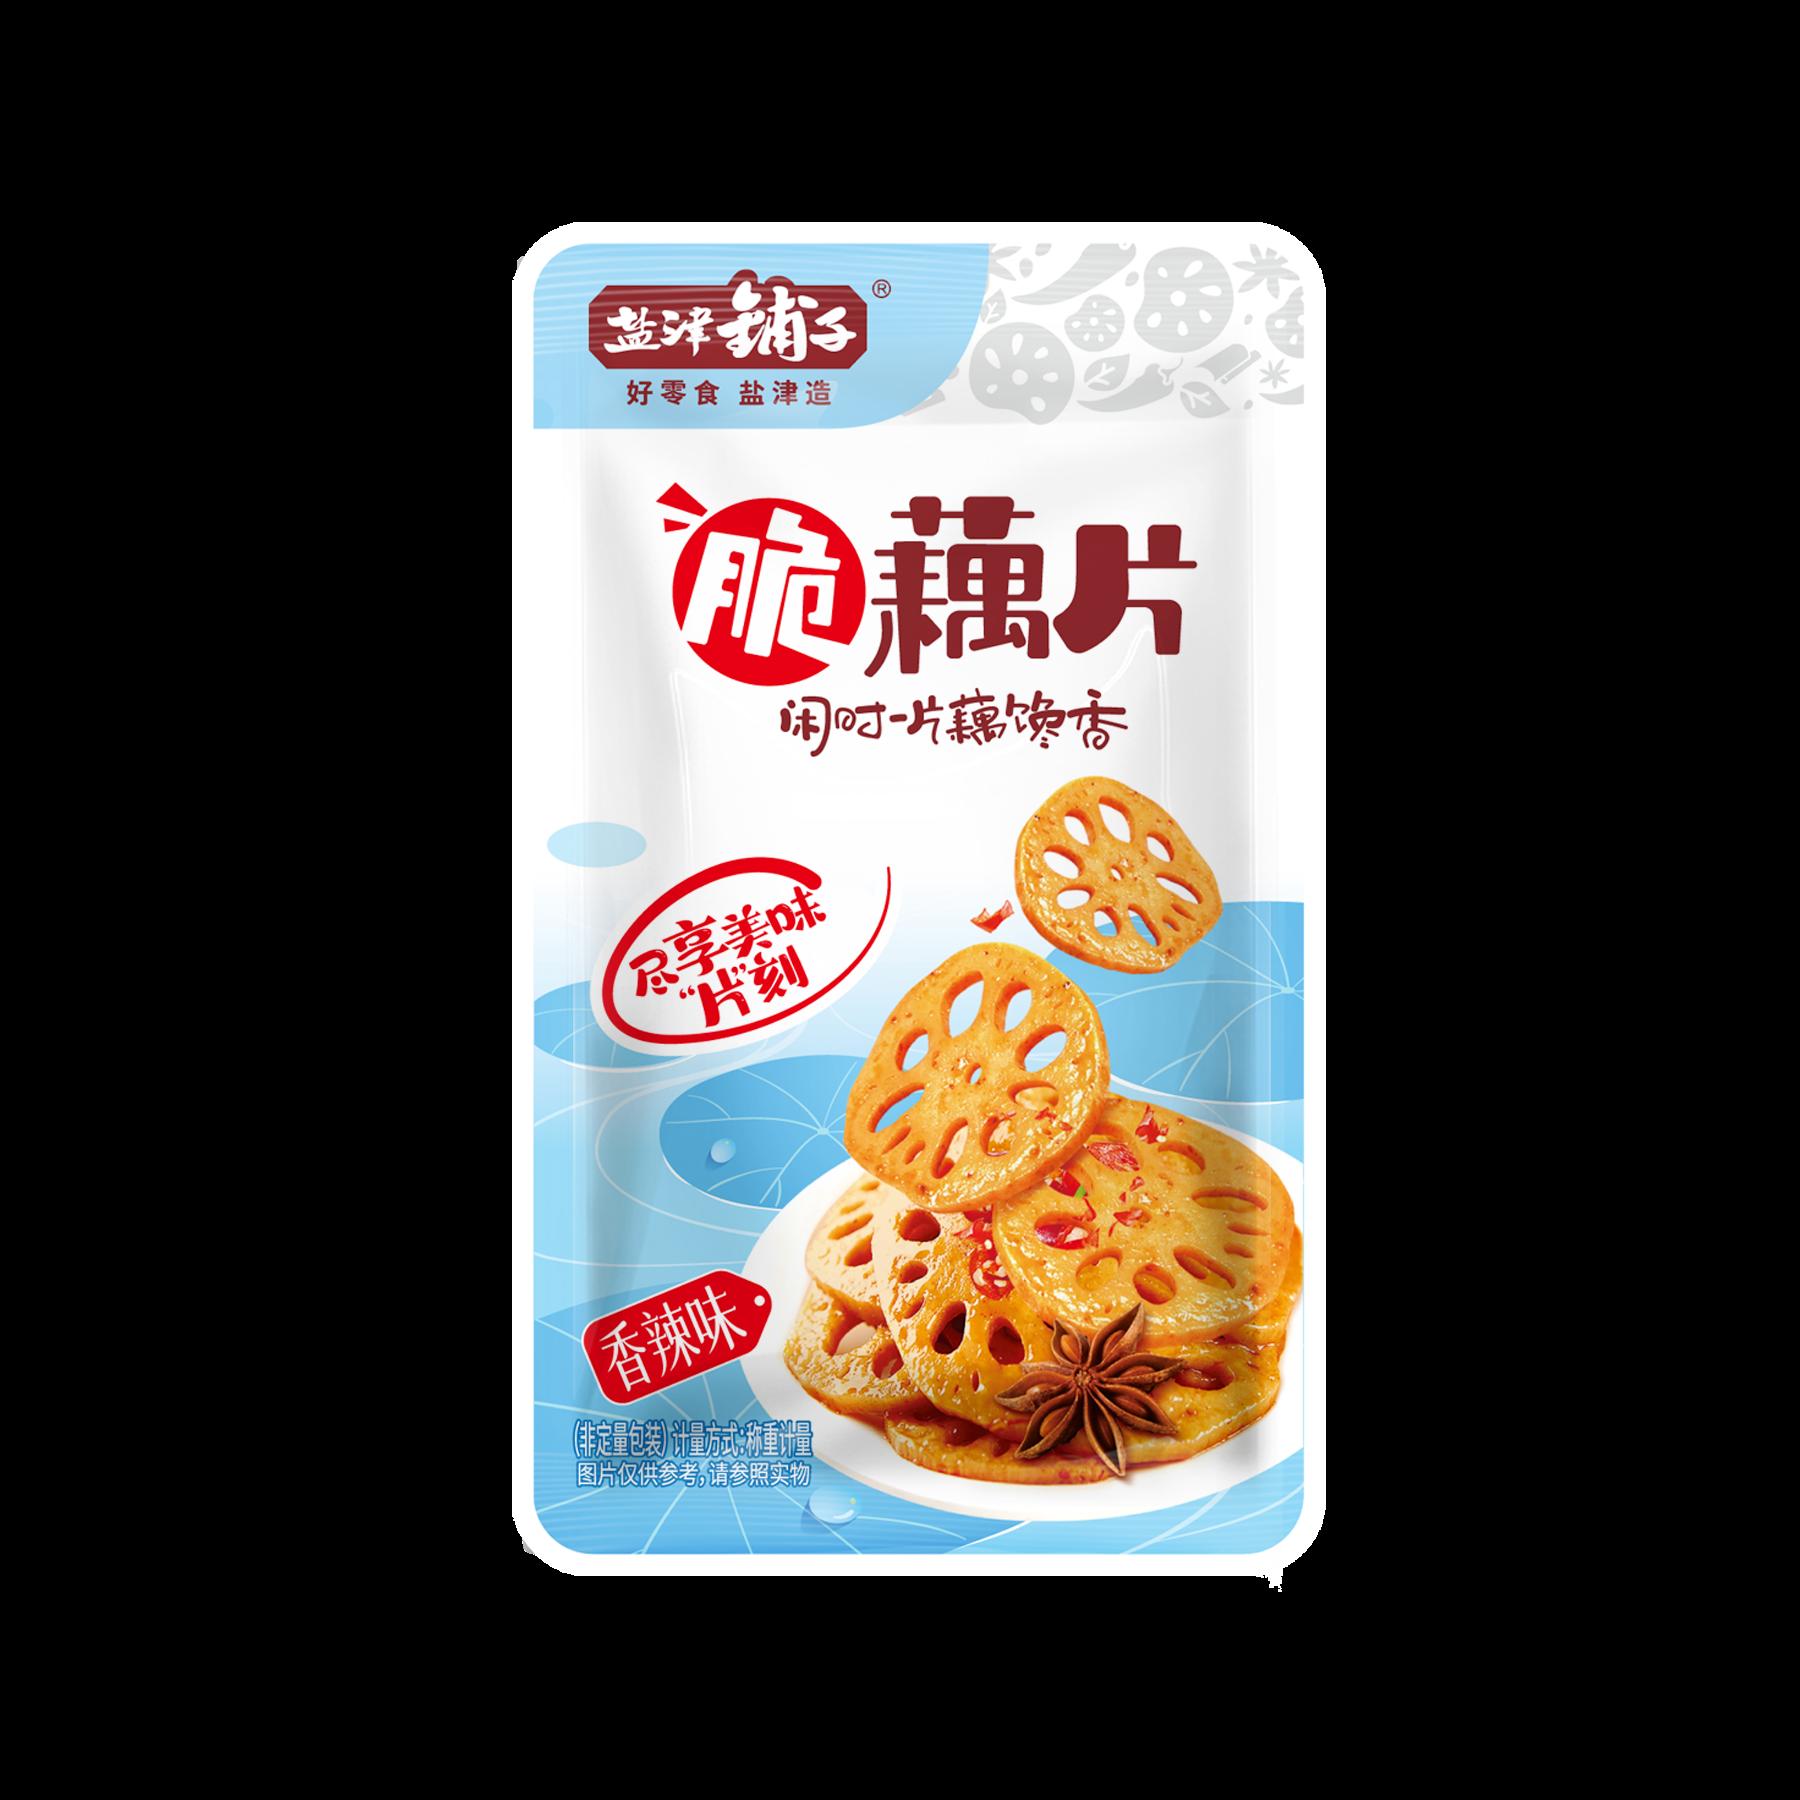 脆藕片(香辣味)